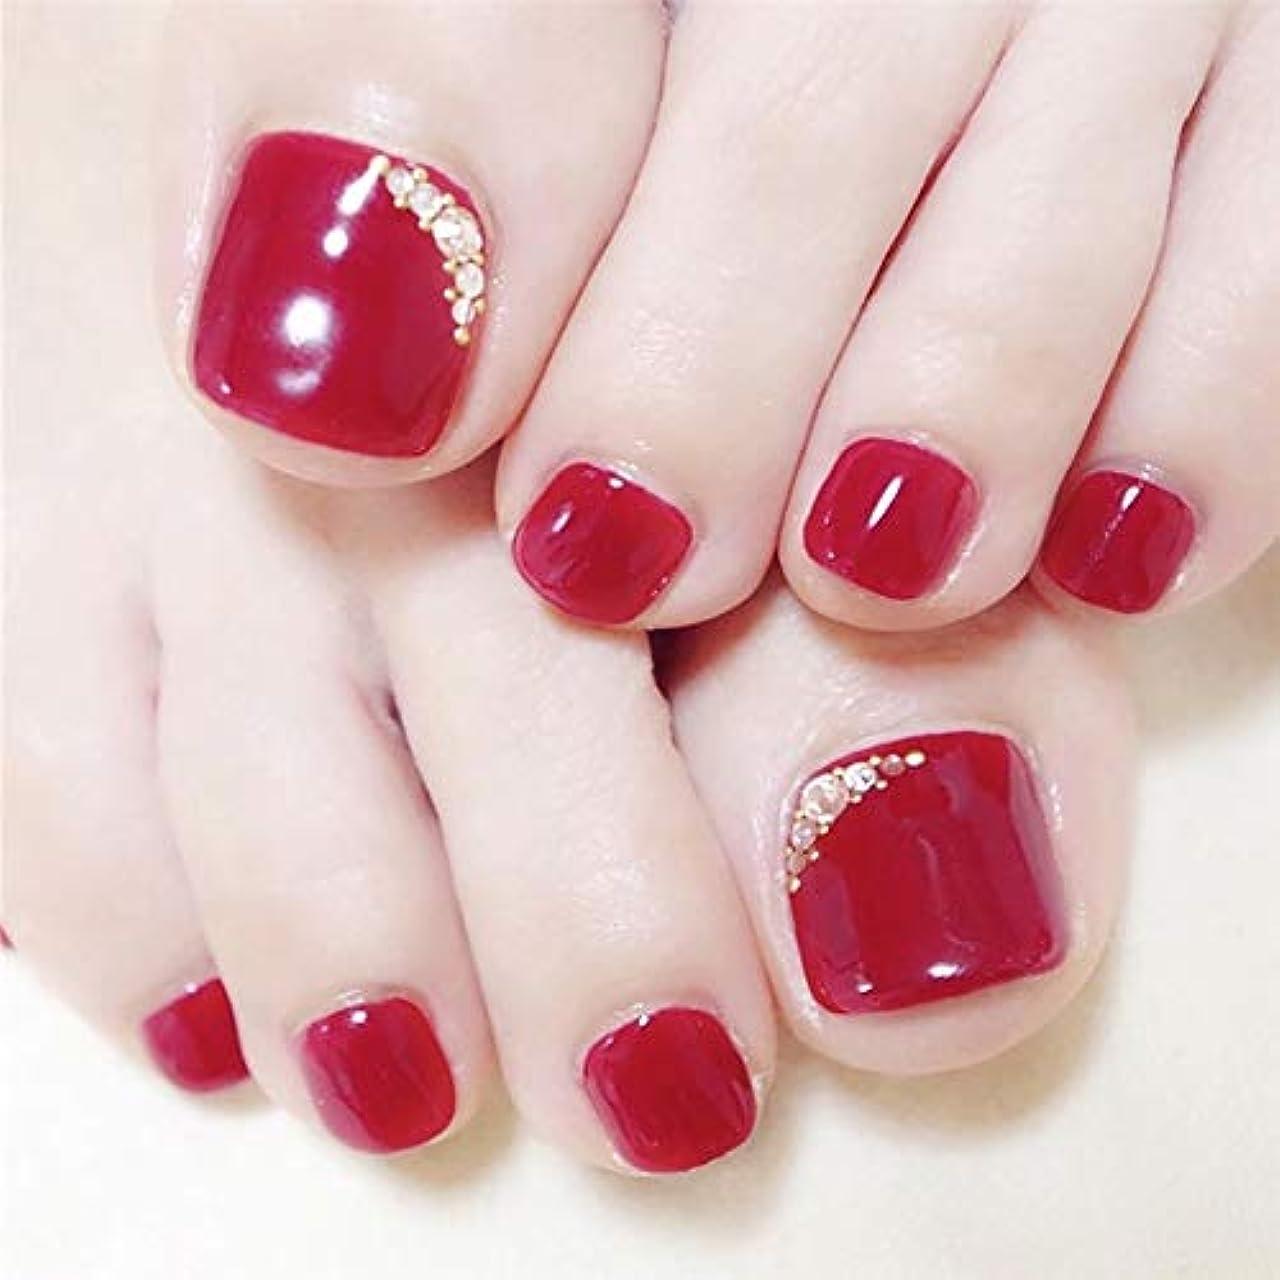 蓄積する桃保険をかけるSIFASHION ネイル花嫁 ビーチ パーティー 足の爪のネイルチップ レッドフラッシュドリル 手作りネイルチップ 足指の爪